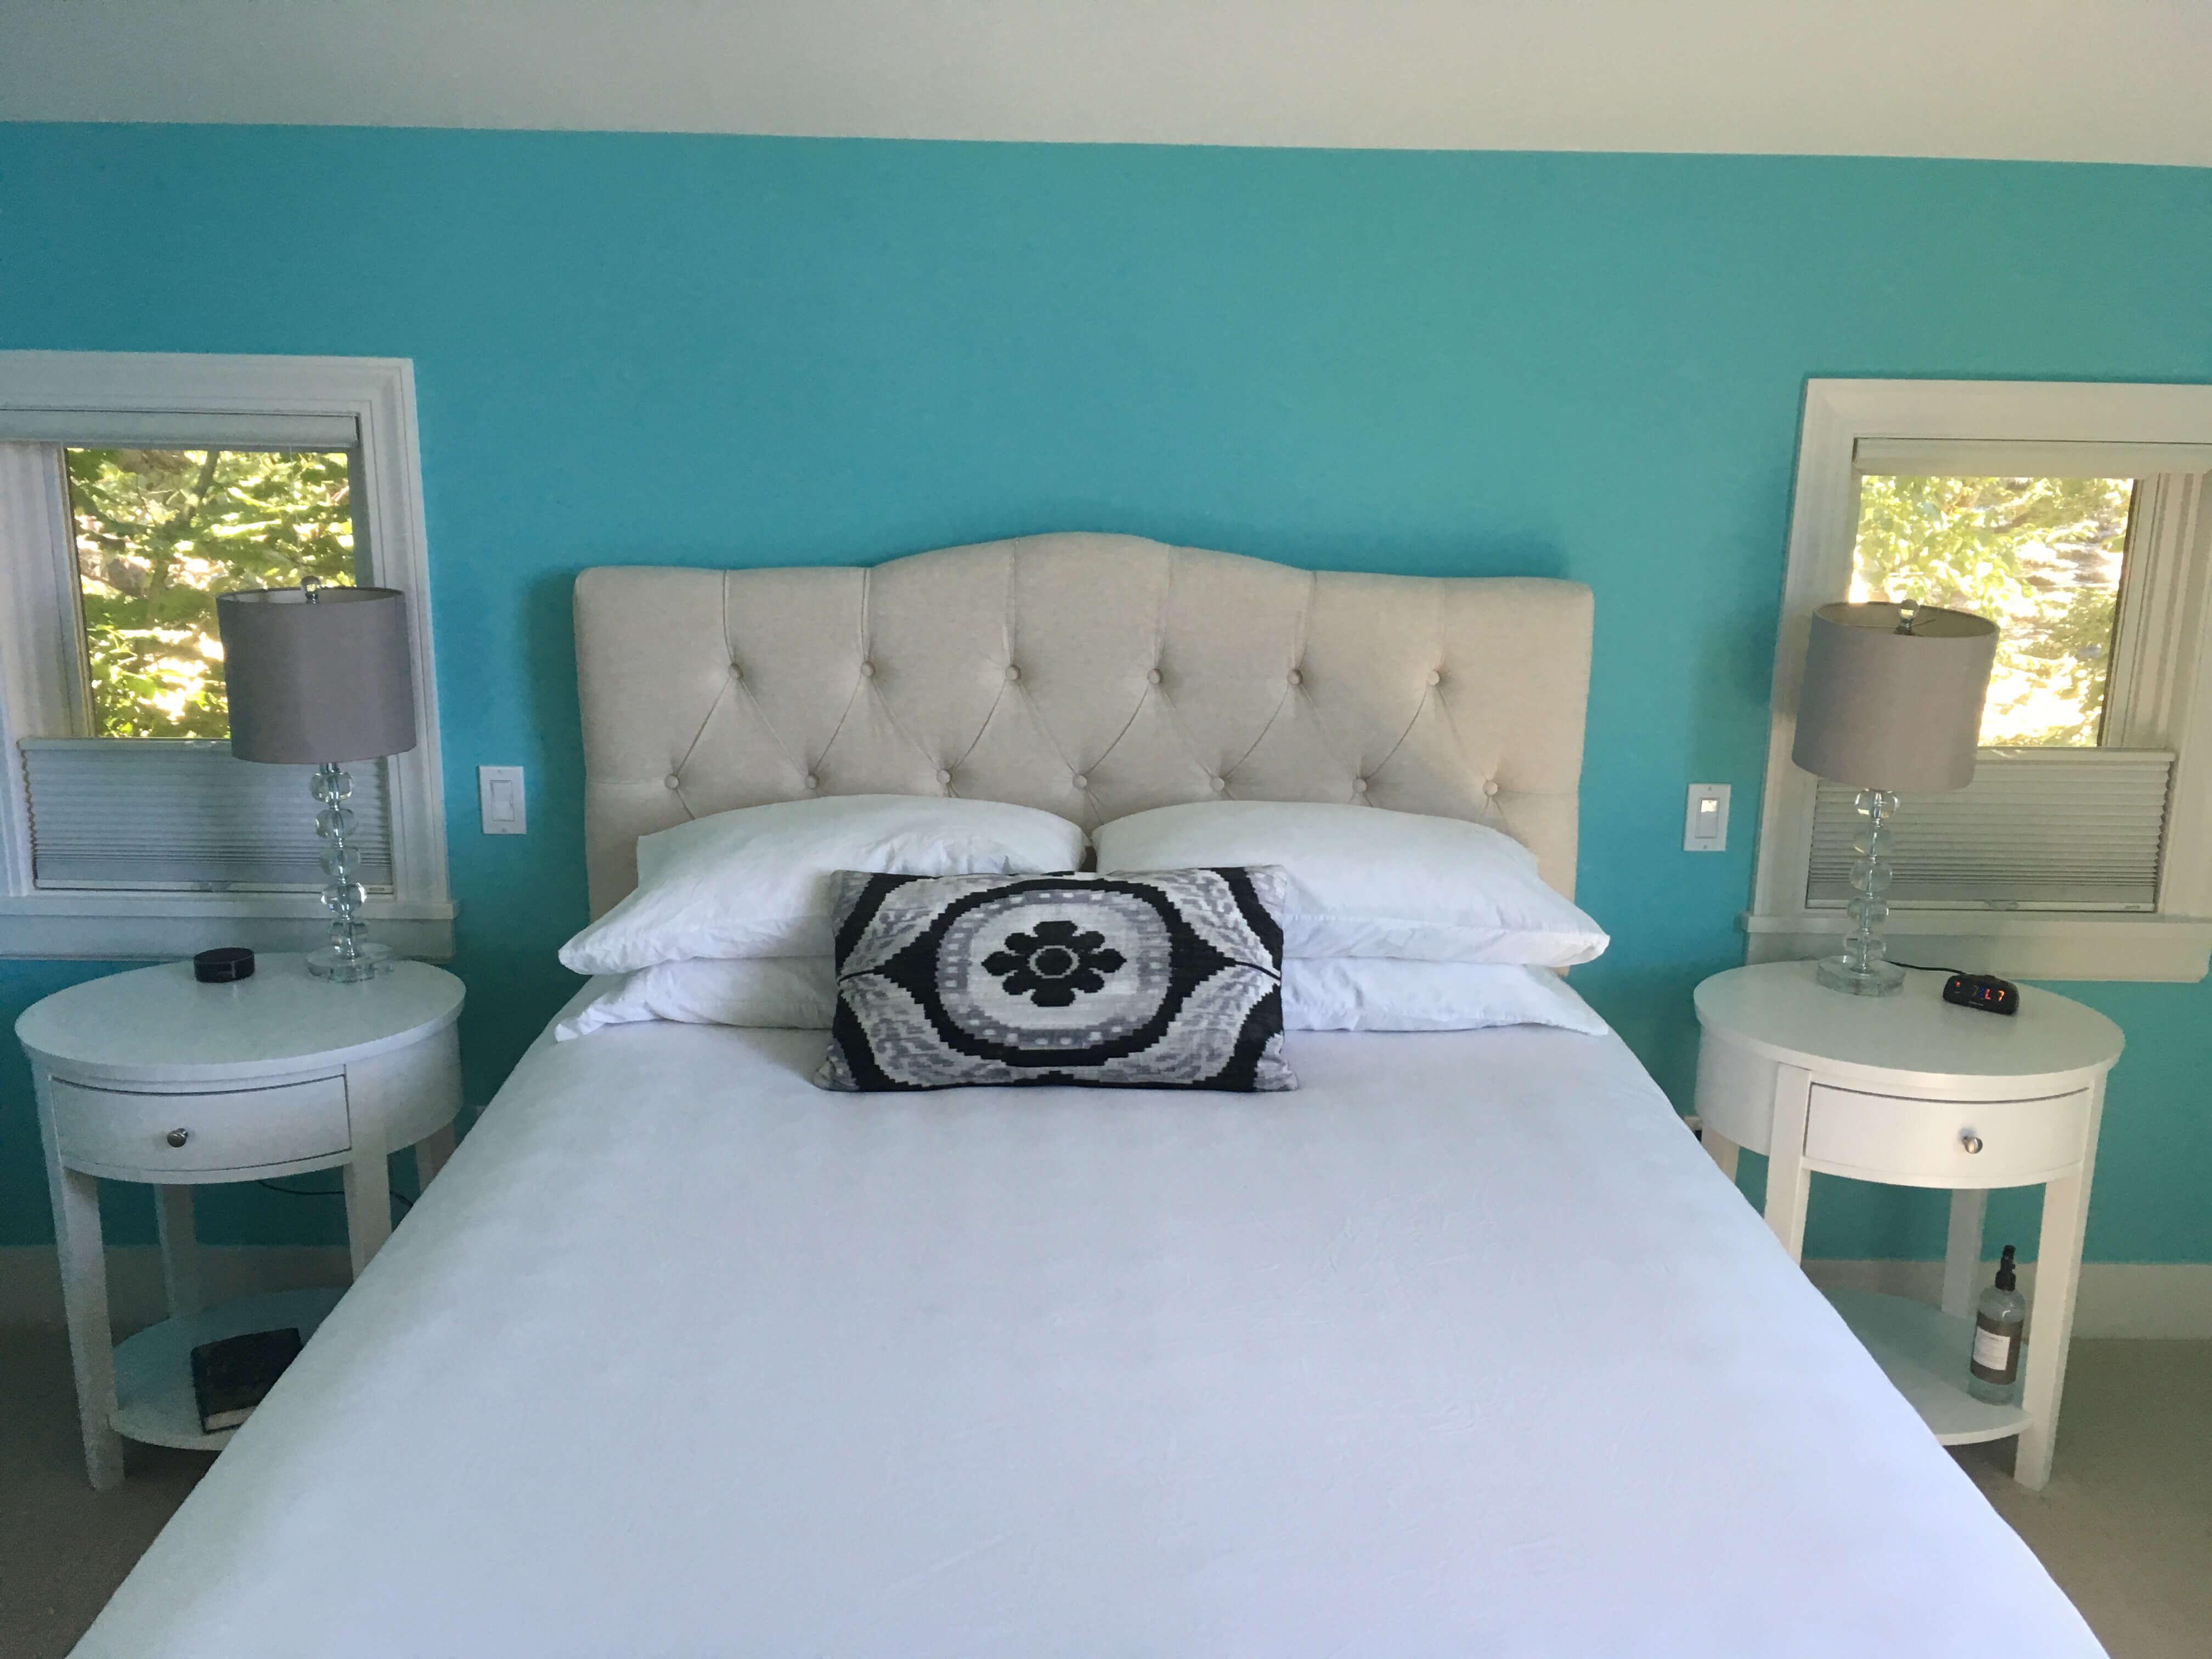 Madeline's bedroom - Queen